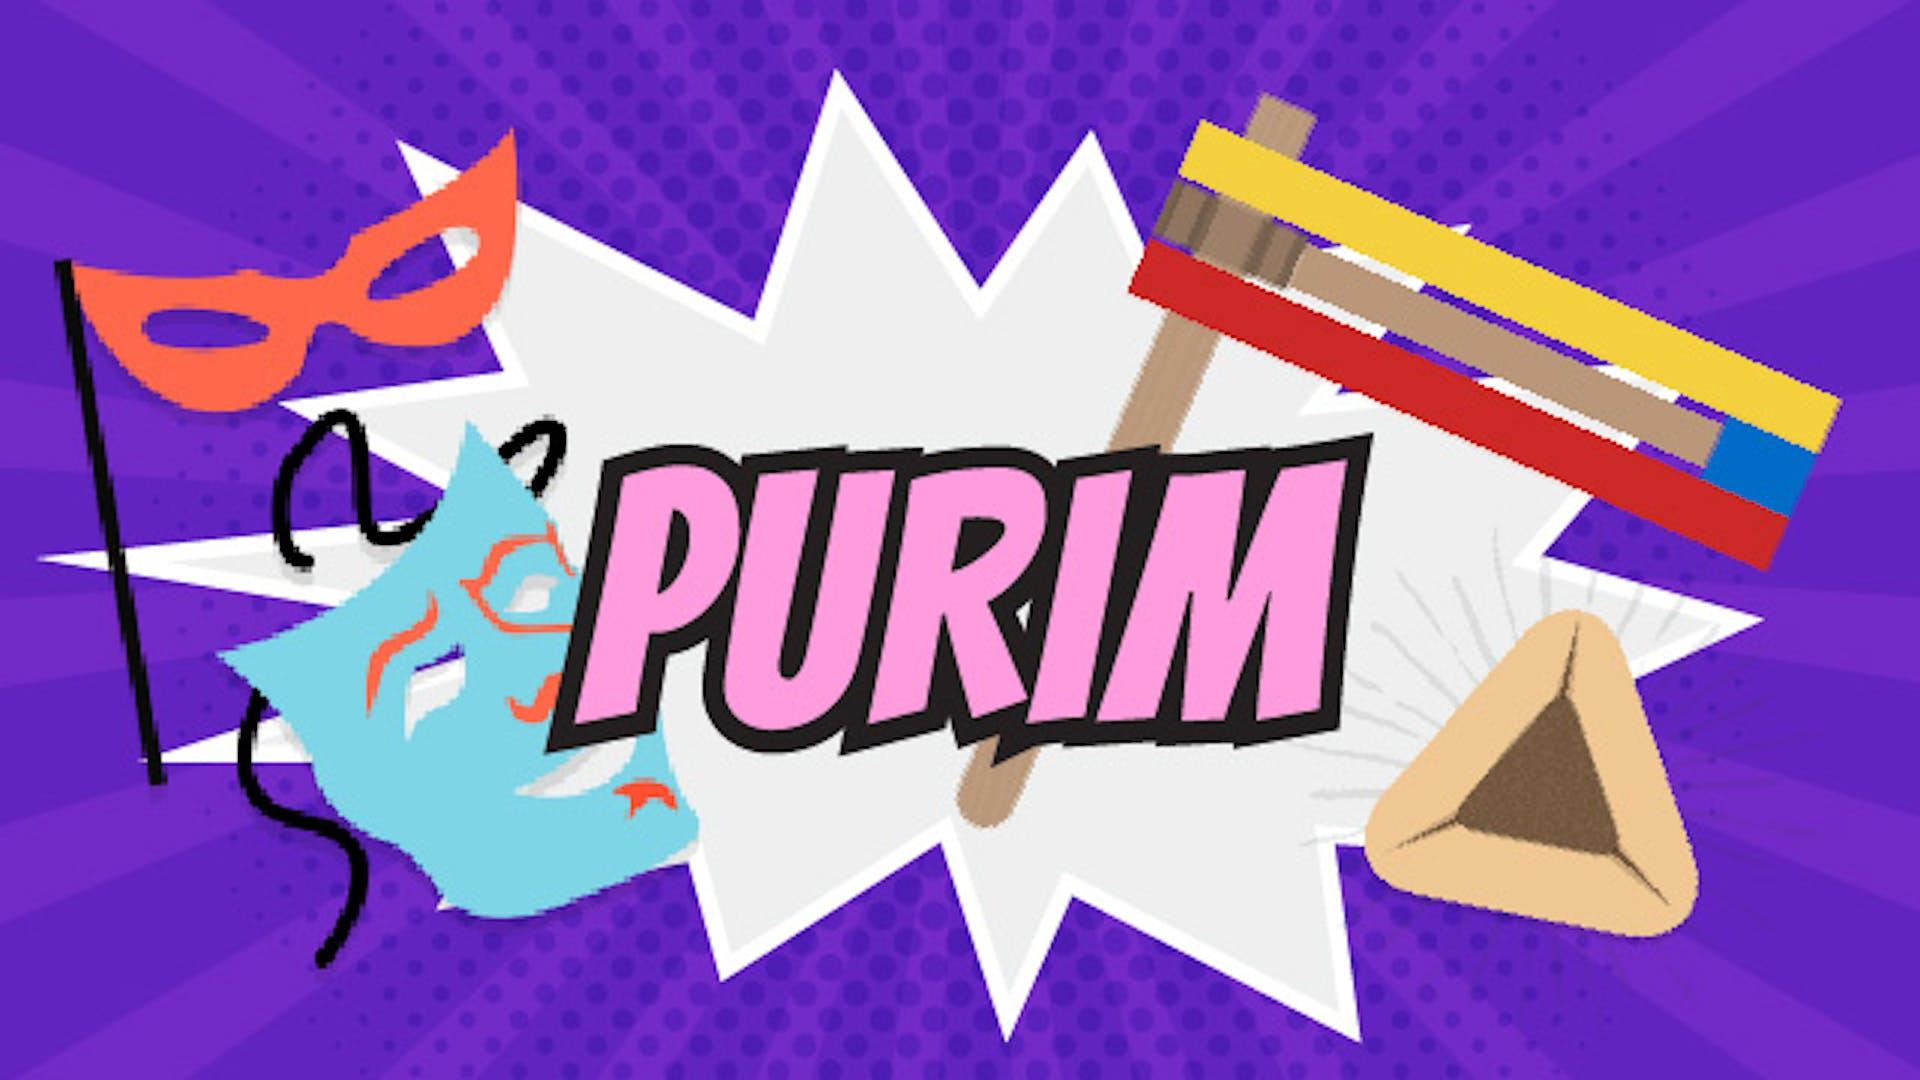 purim - photo #28